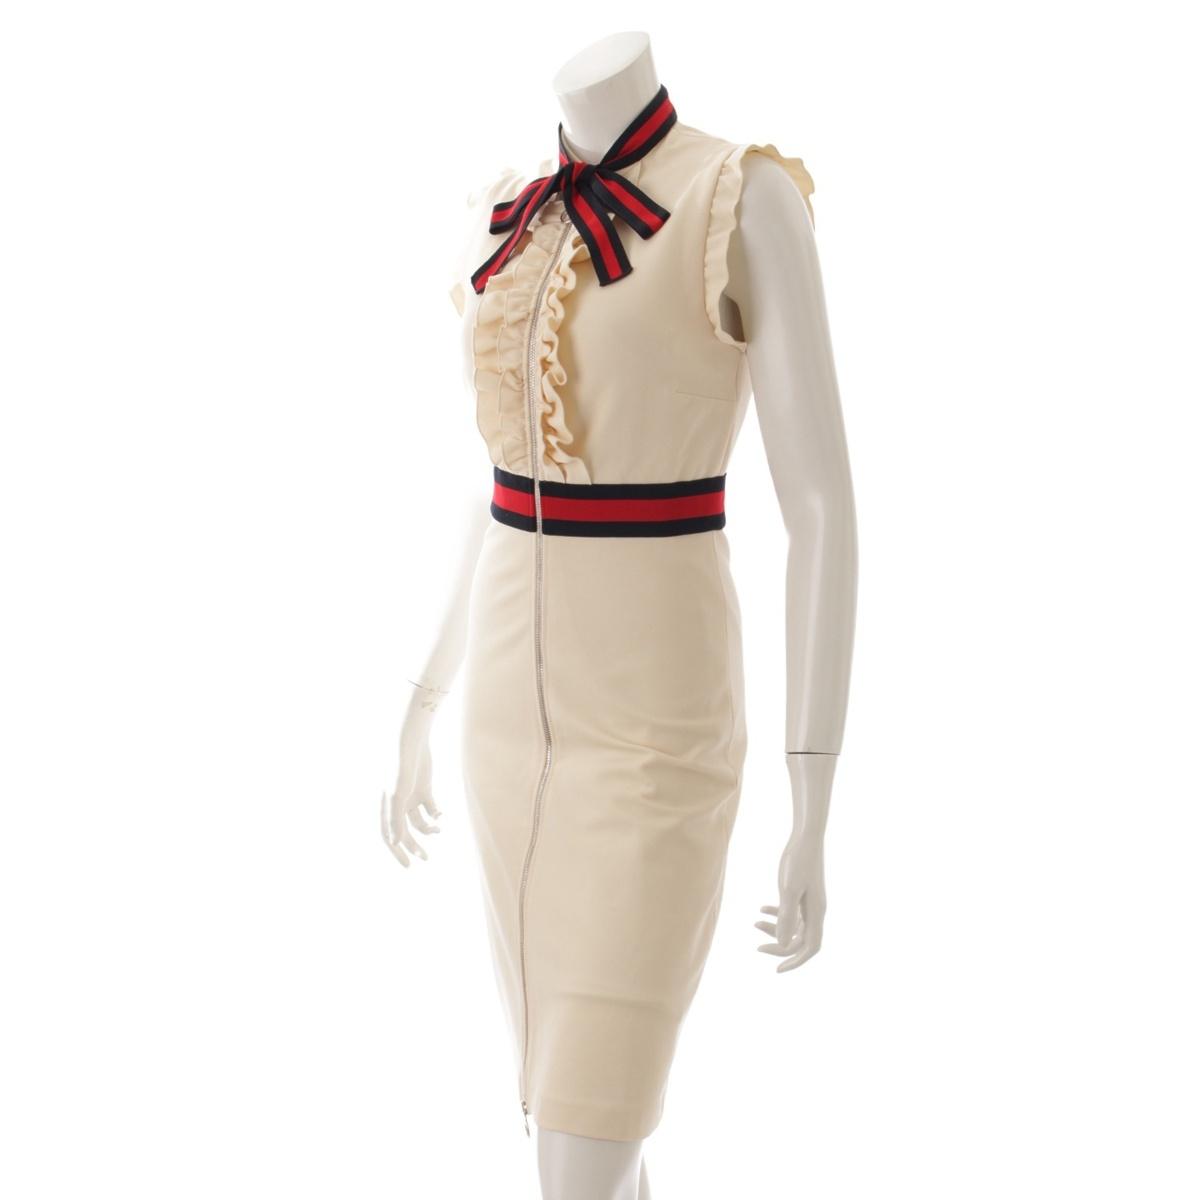 9c2ee14614d8 グッチ(Gucci) 17AW ウェブトリム ジャージー ドレス ワンピース 434249 ...